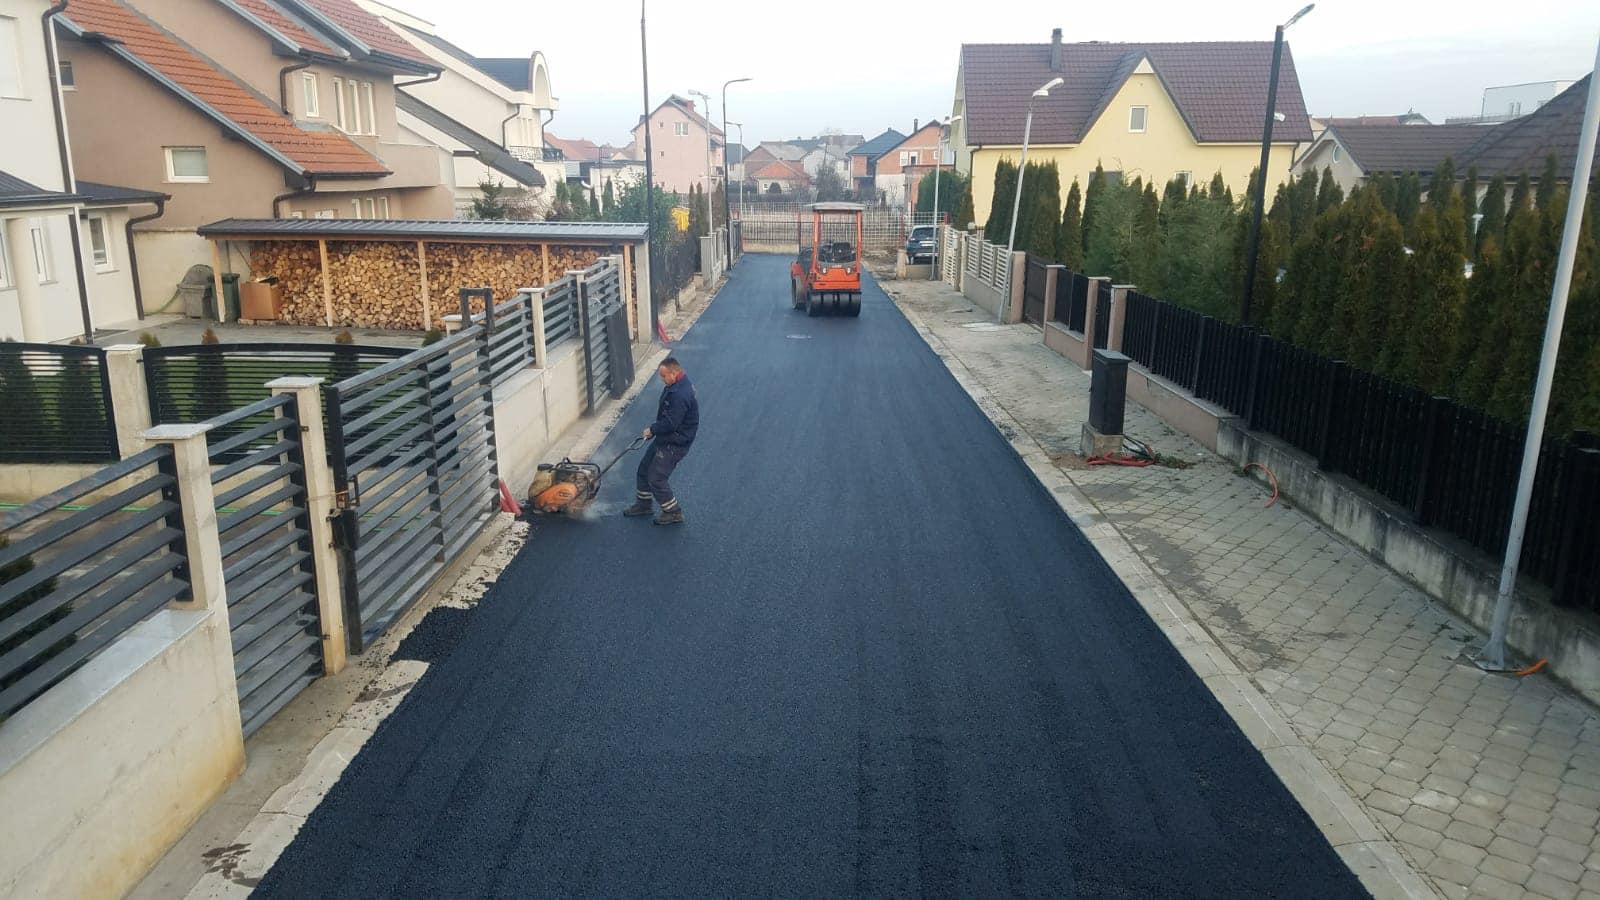 adem gllavica 24.12.2020 - Komuna e Ferizajt rregullon disa rrugë